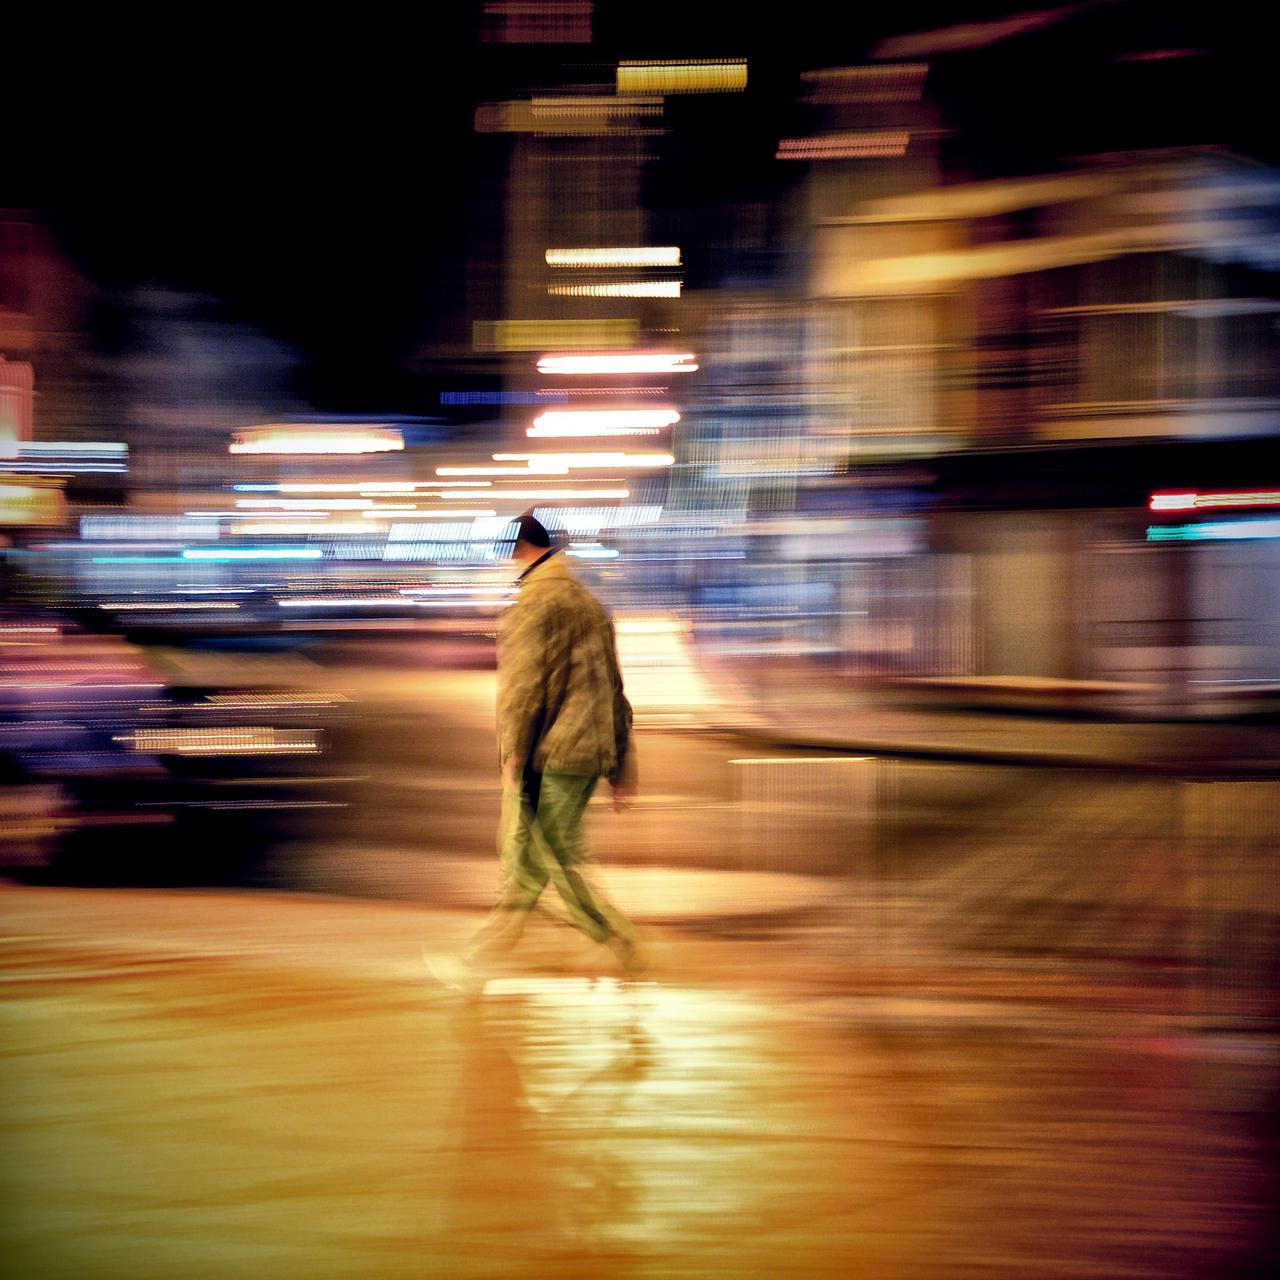 Walking Ghost by Demonoftheheavens